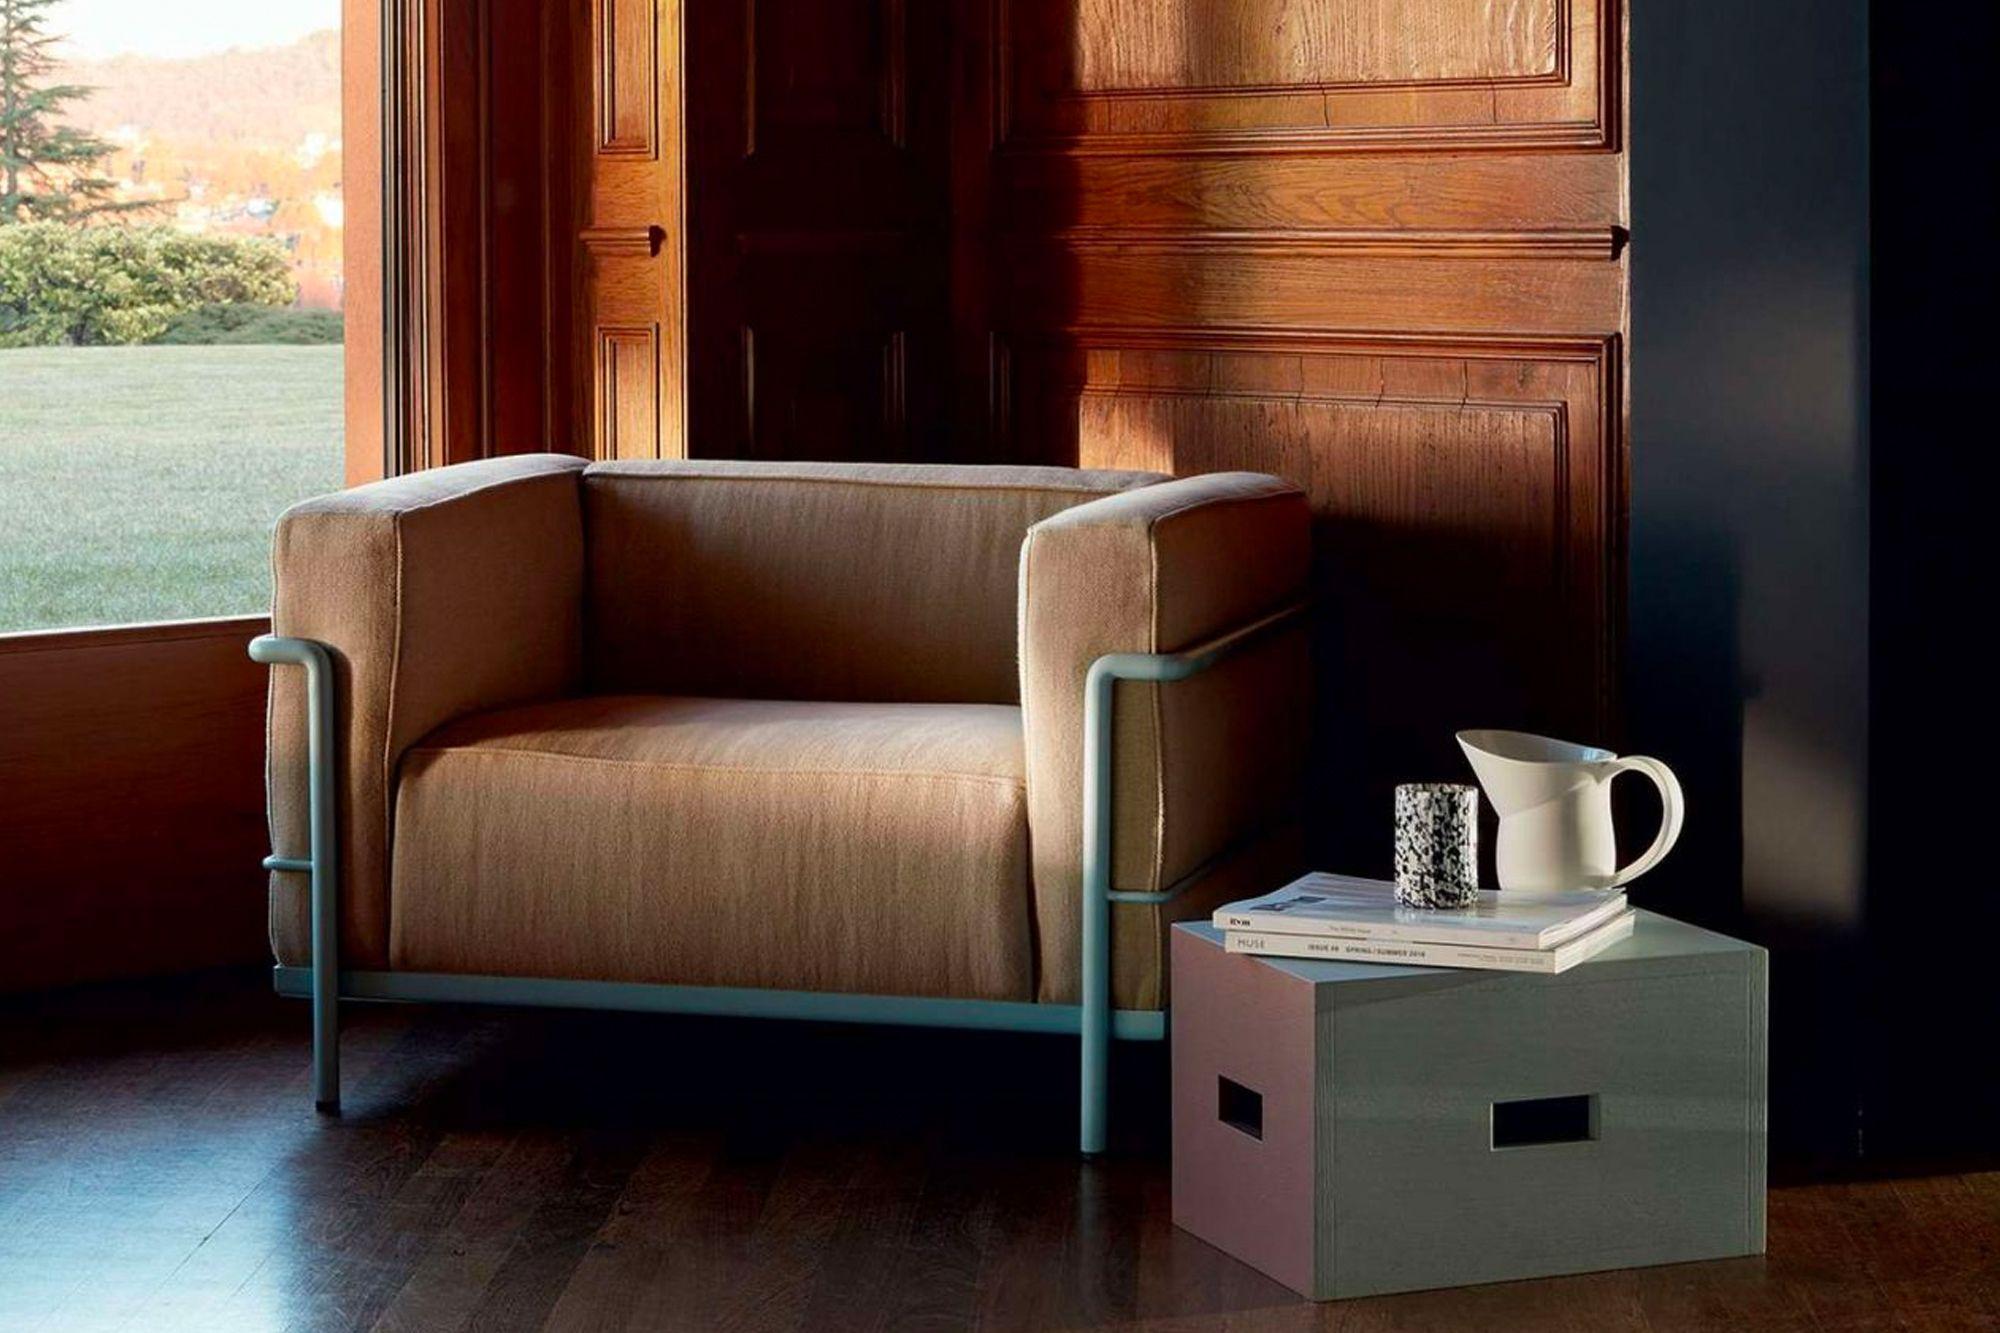 Le Corbusier ist dafür bekannt, einige der kultigsten und zeitlosesten Klassiker aller Zeiten zu entwerfen, darunter den würfelartigen Stuhl LC3 (Foto: Mit freundlicher Genehmigung von Cassina)